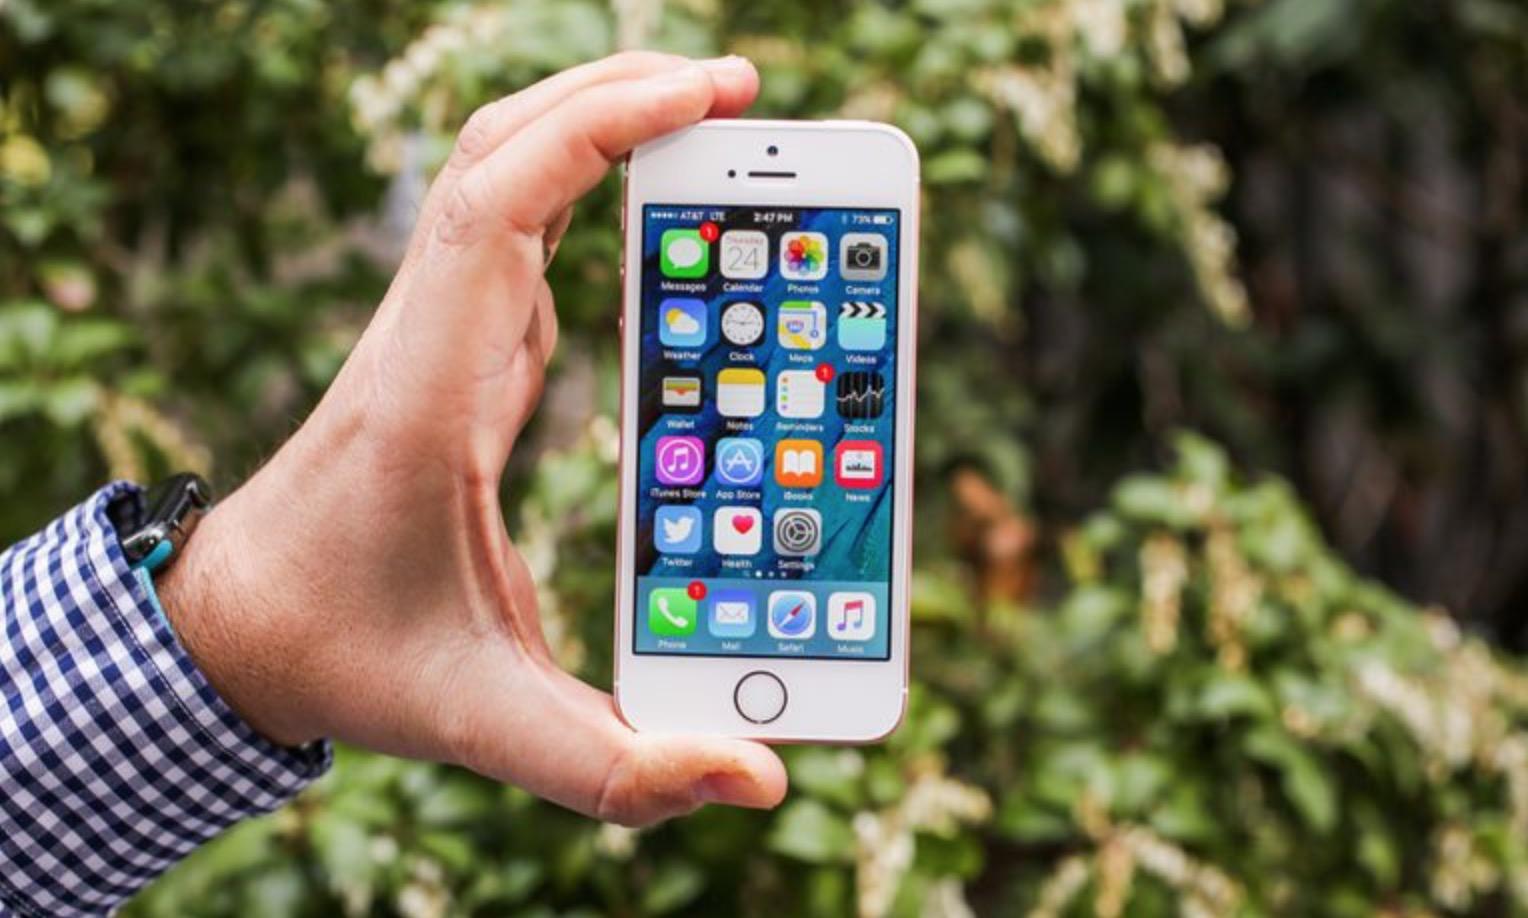 I migliori smartphone da usare con una mano del 2017